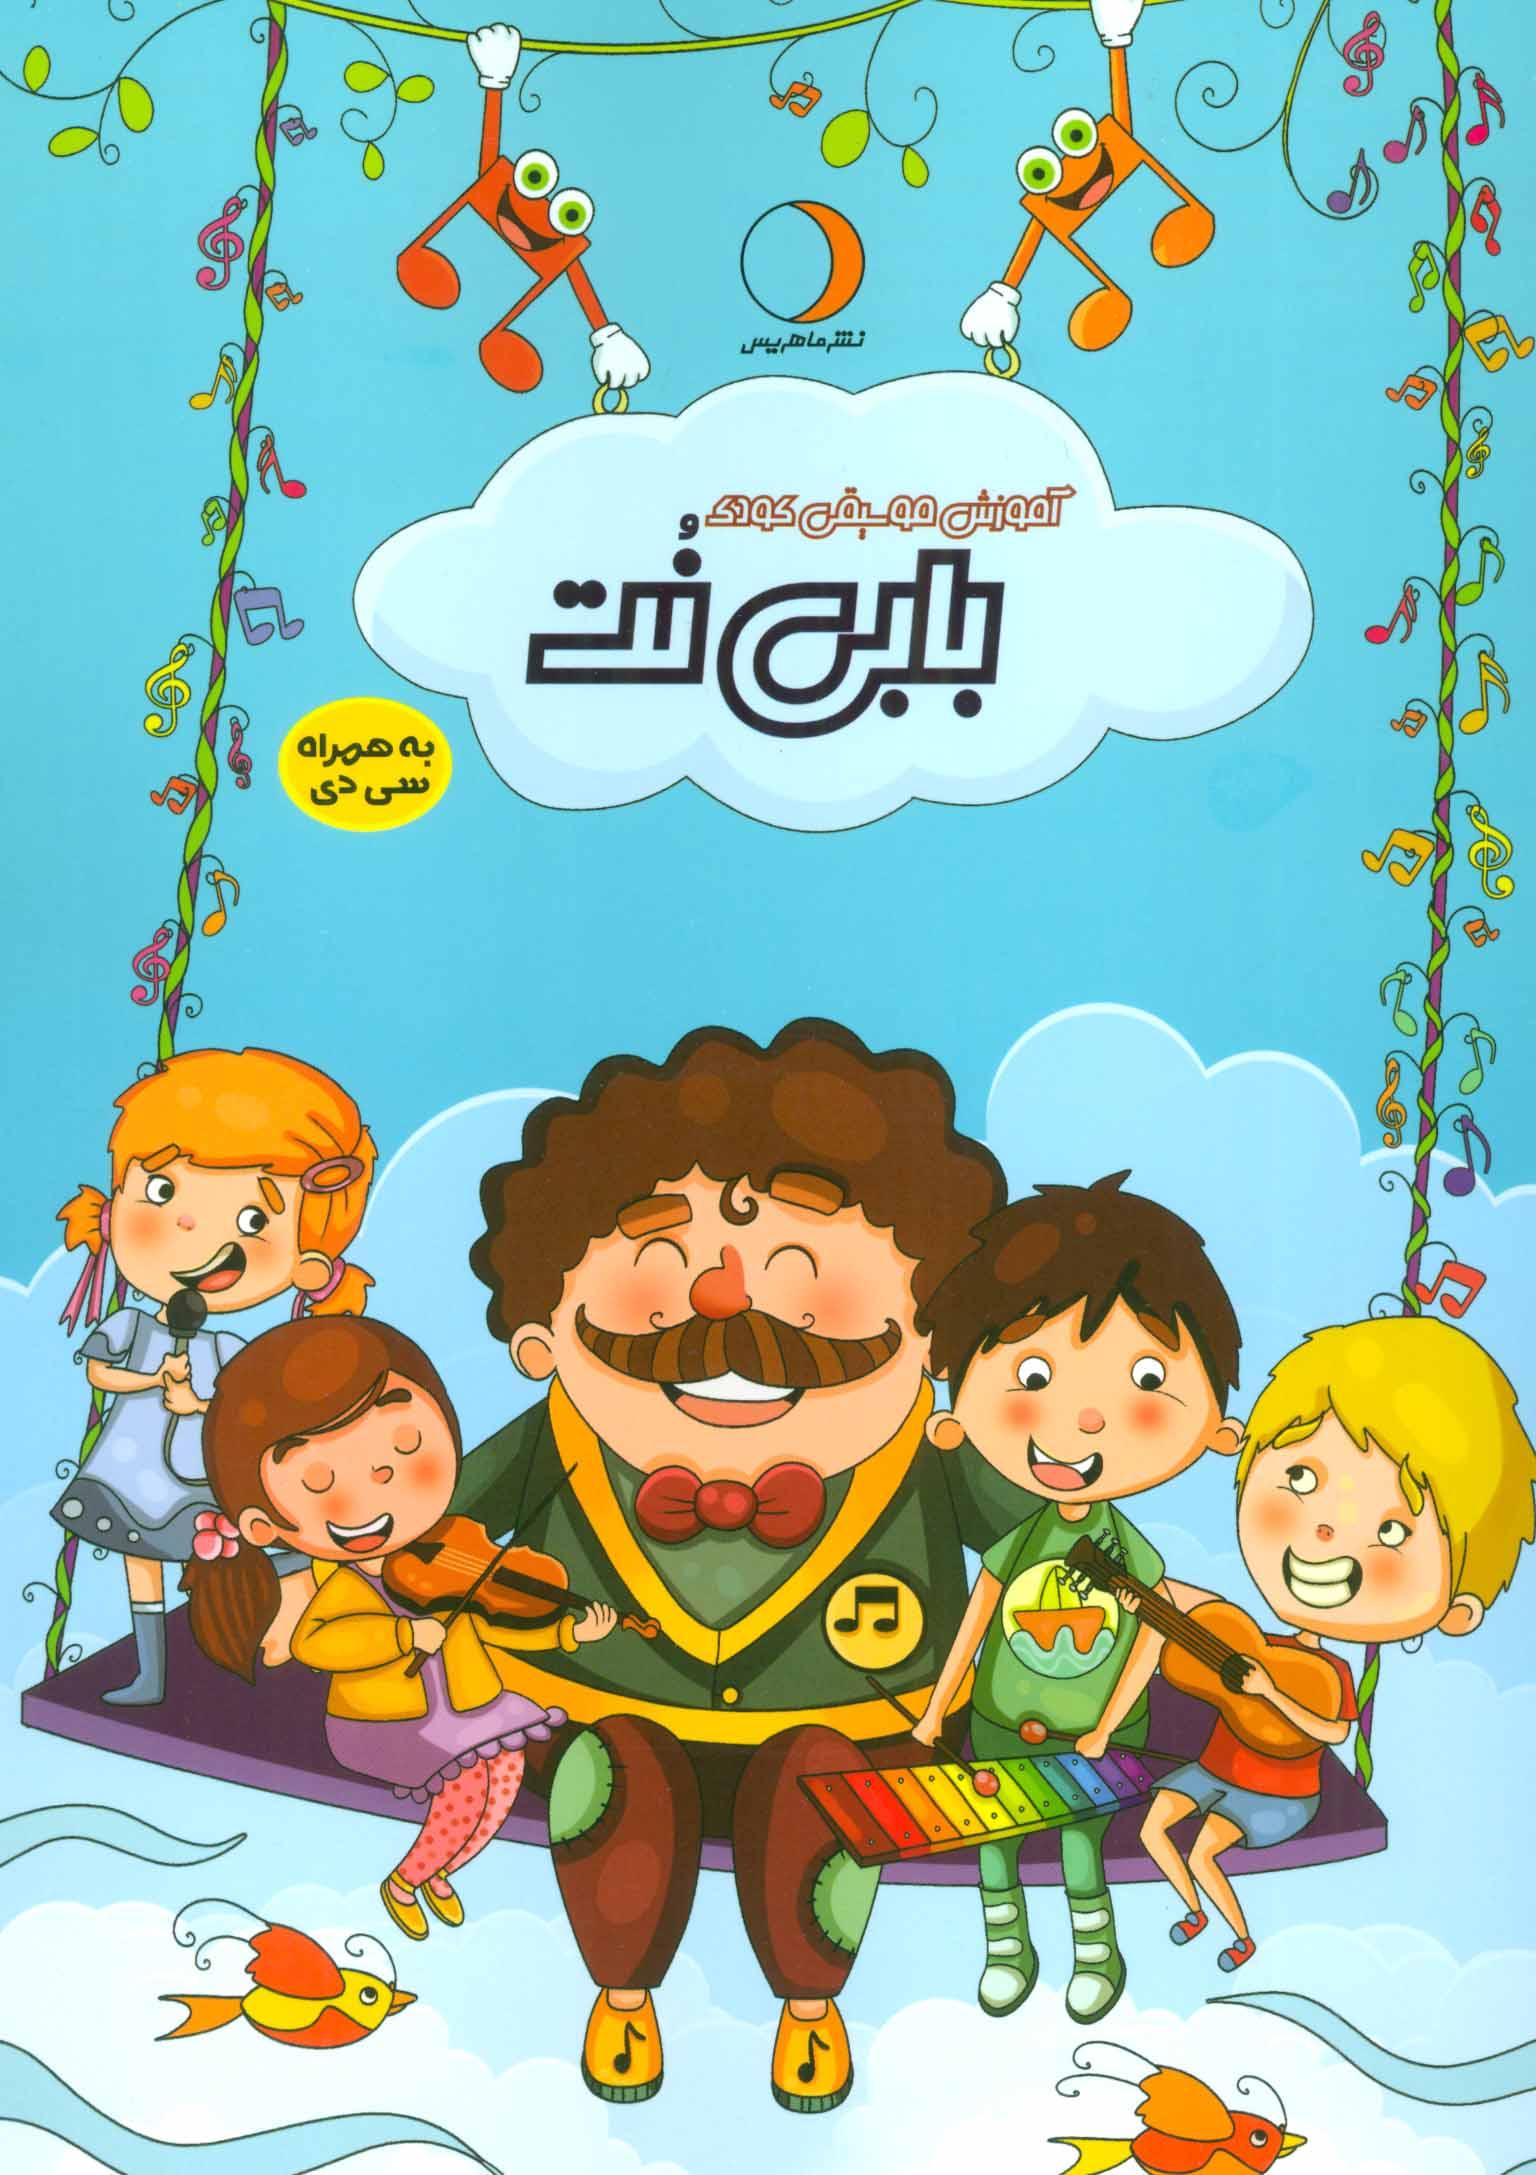 کتاب بابی نت: آموزش موسیقی به کودکان